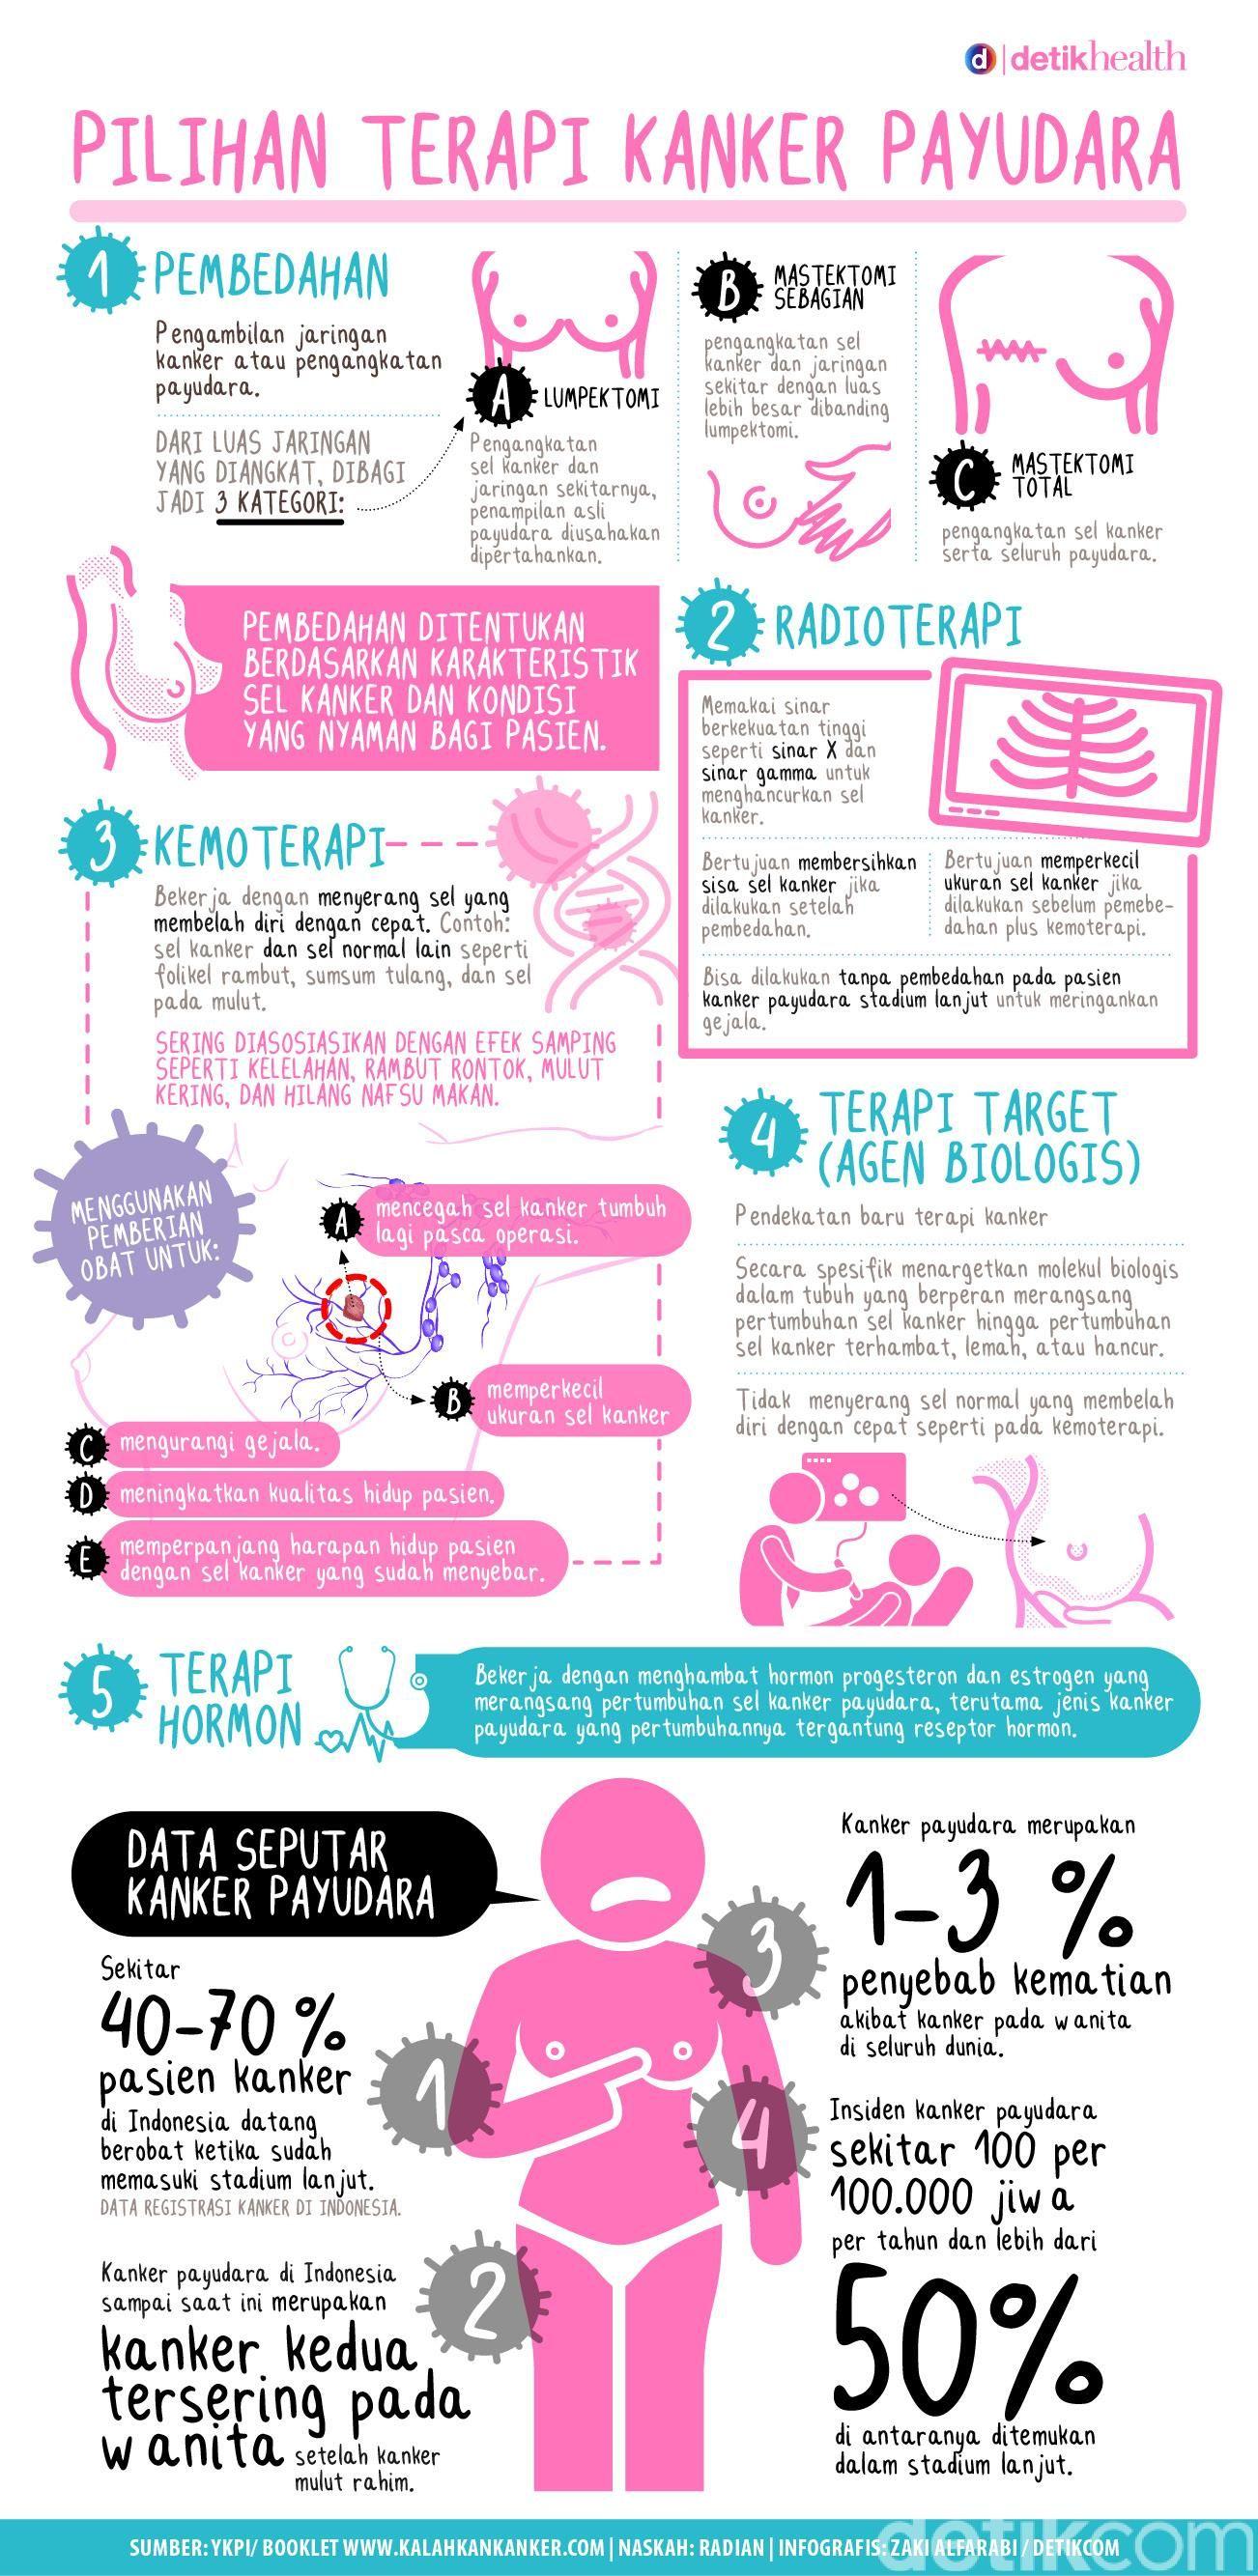 Infografis: Pilihan Jenis Terapi Kanker Payudara